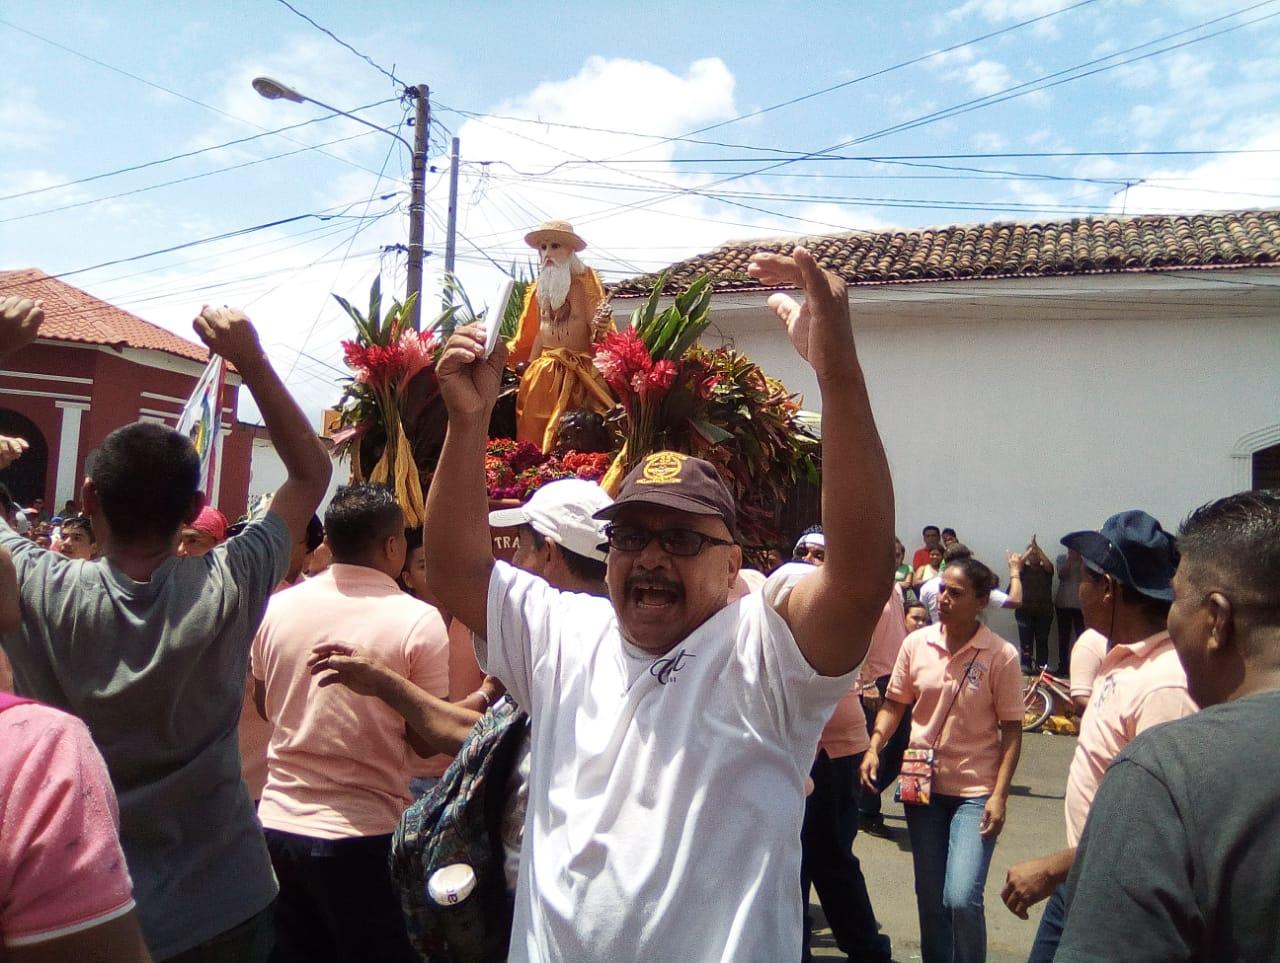 Alcaldía de Masaya declara asueto el 30 de septiembre, aunque San Jerónimo no saldrá. Foto: Archivo. Noel Miranda / Artículo 66